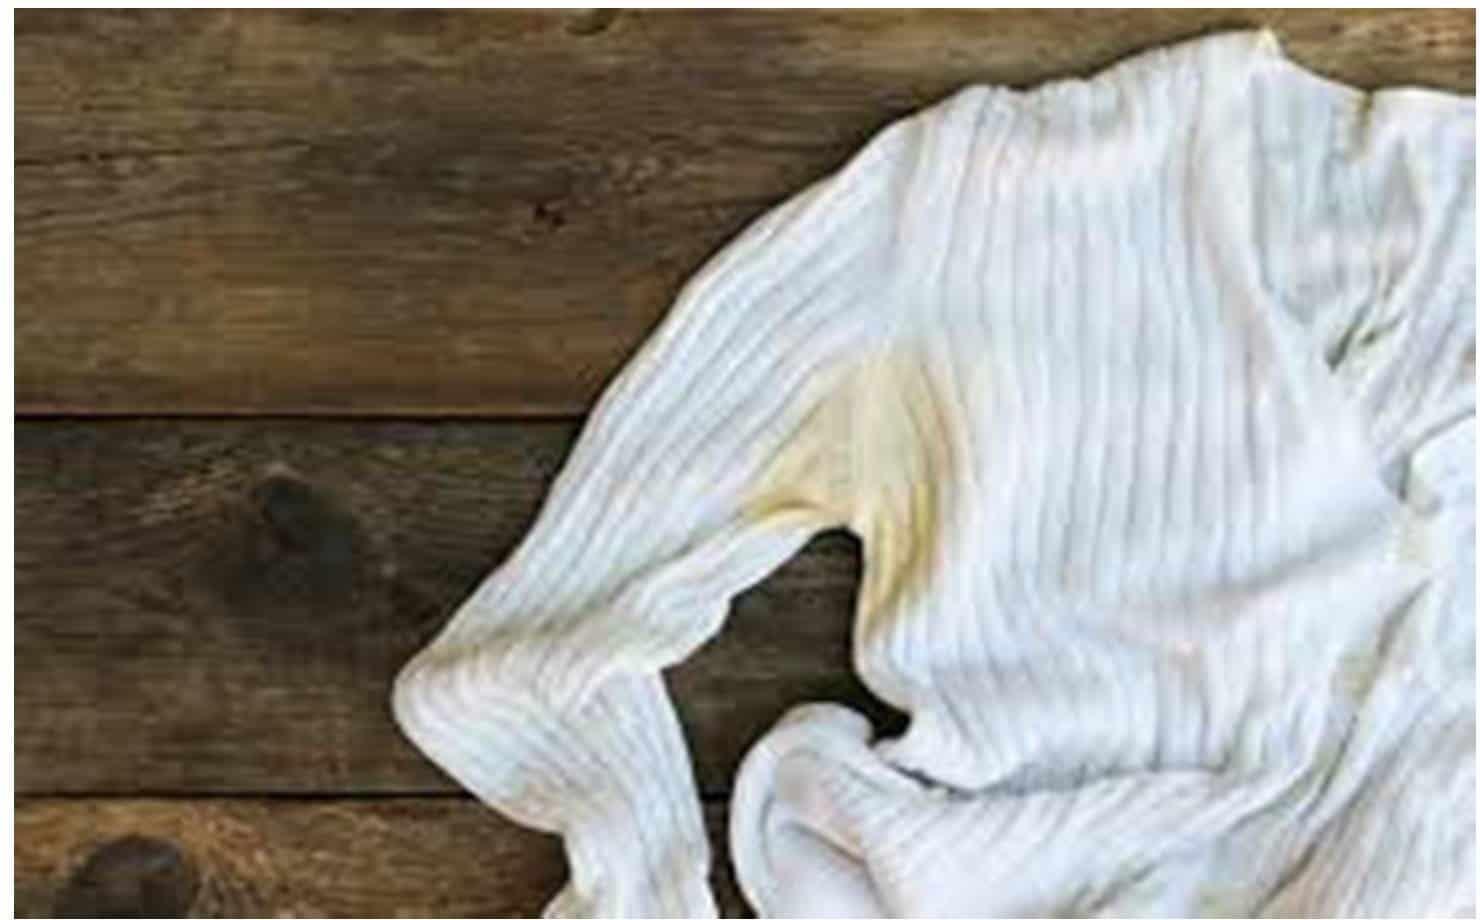 Remova manchas de suor das roupas brancas com esta mistura caseira